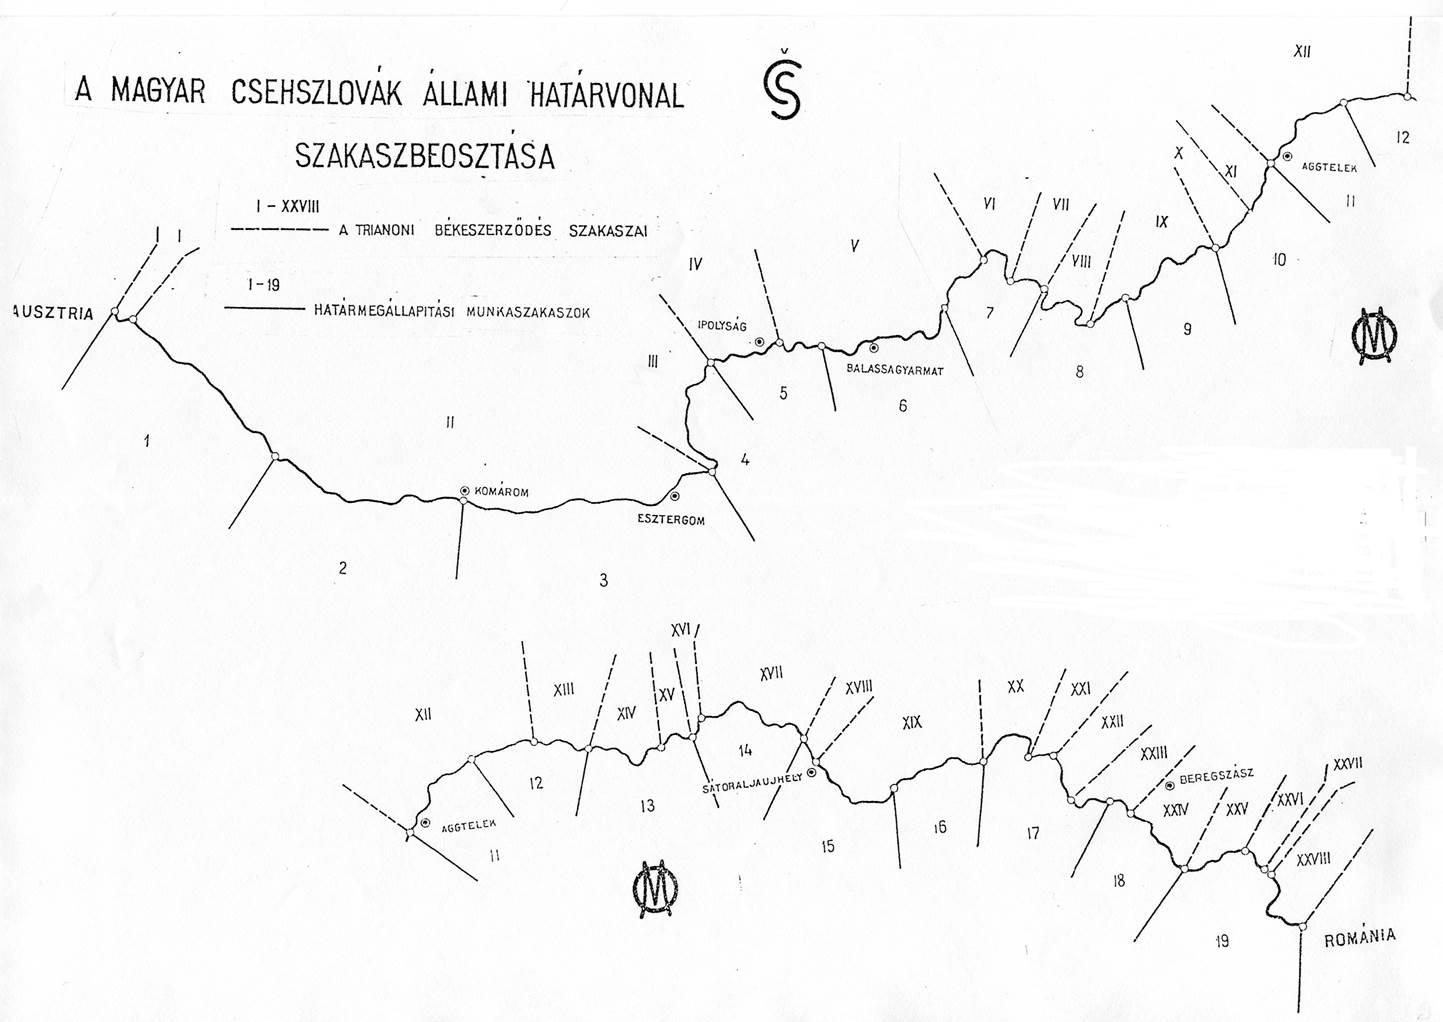 Magyar csehszlovák határ